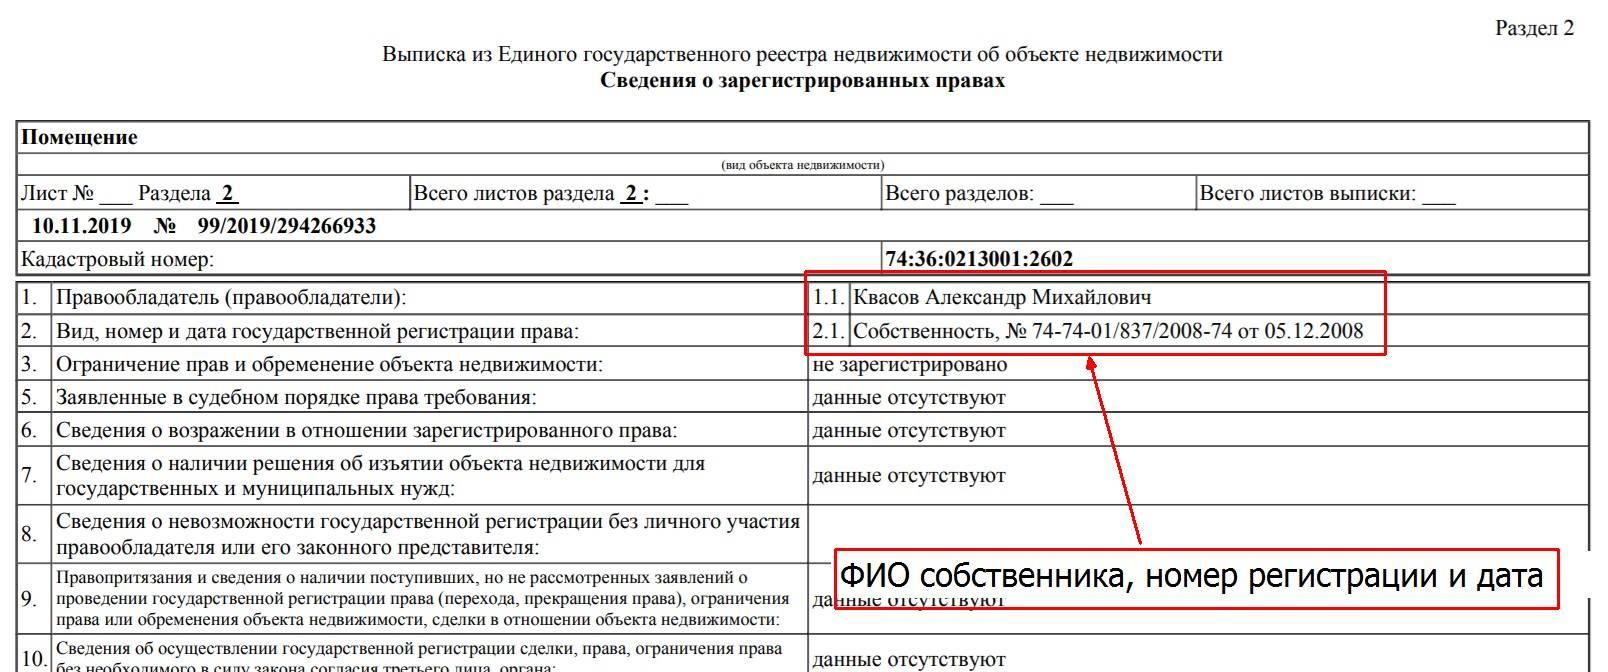 Как узнать кадастровый номер земельного участка: по публичной карте, через запрос в росреестр, в документах